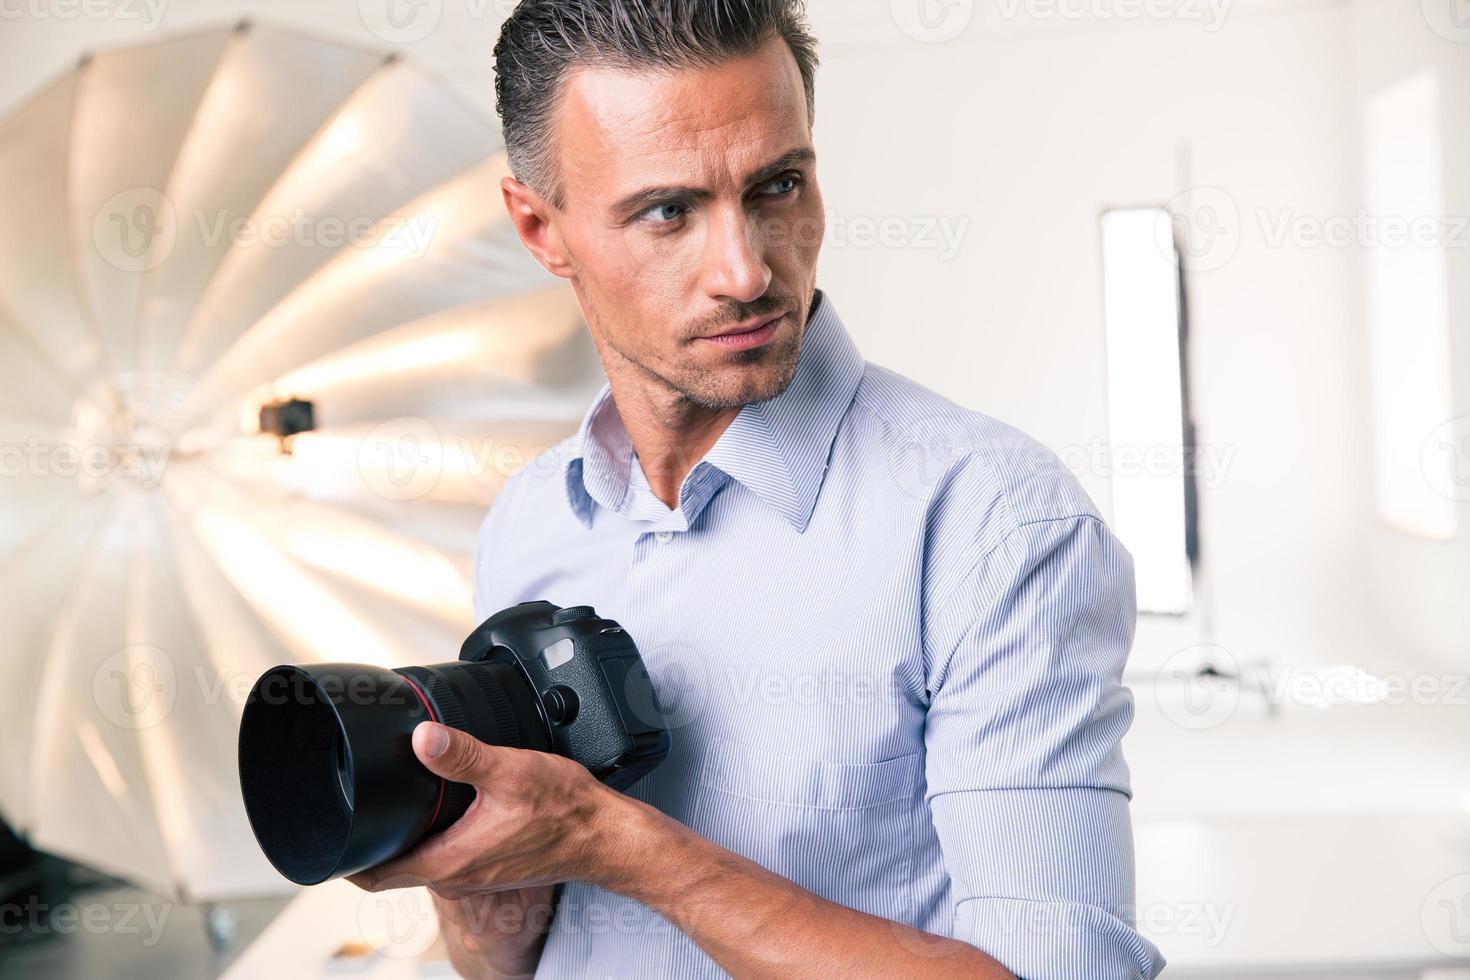 fotograf som håller kameran och tittar bort foto